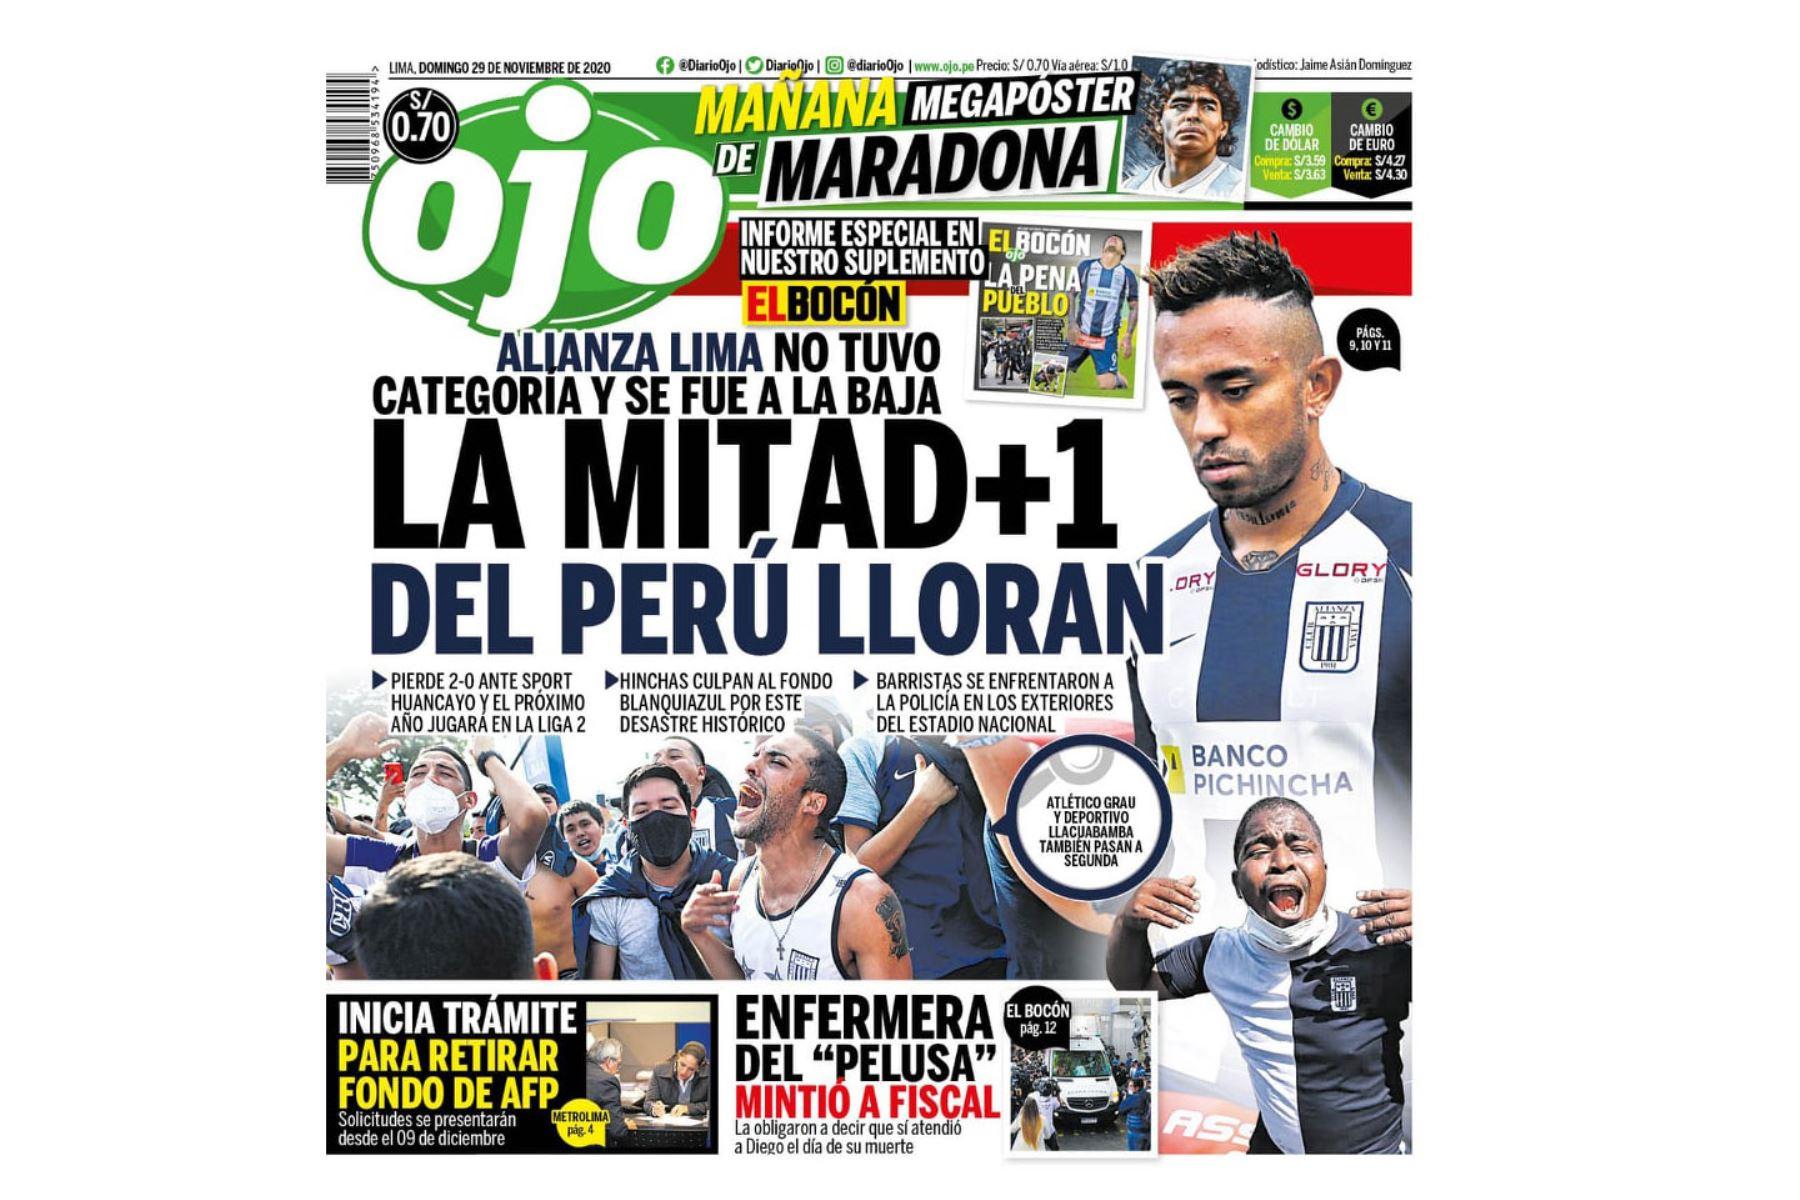 Así informaron algunos medios el descenso de Alianza Lima a la Segunda División. Diario Ojo. Foto: Difusión